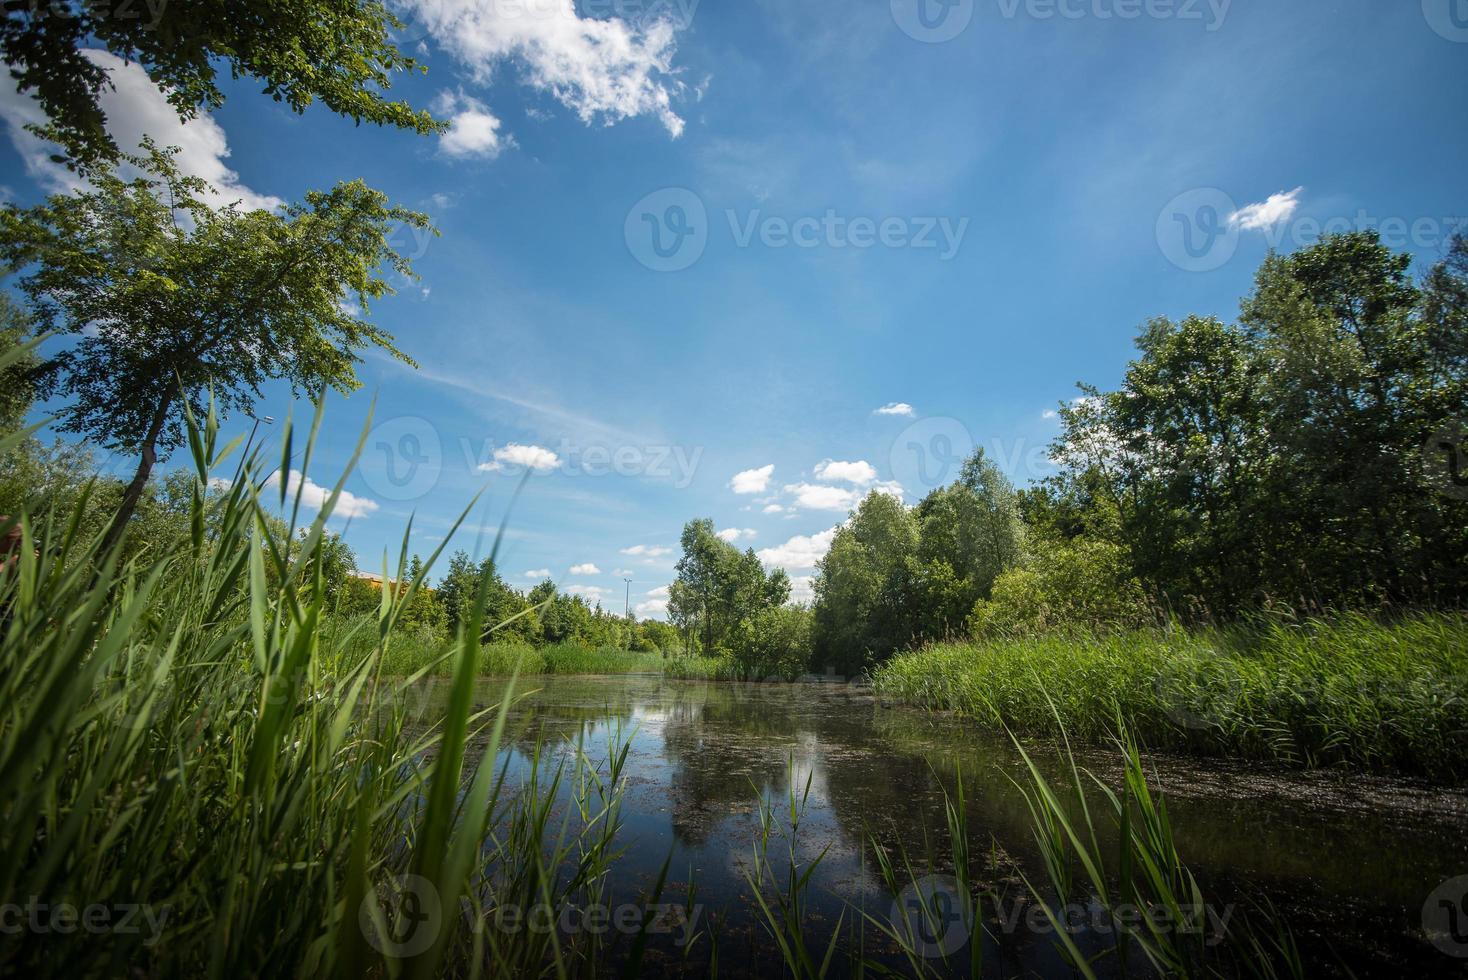 pantano de paisaje en verano foto